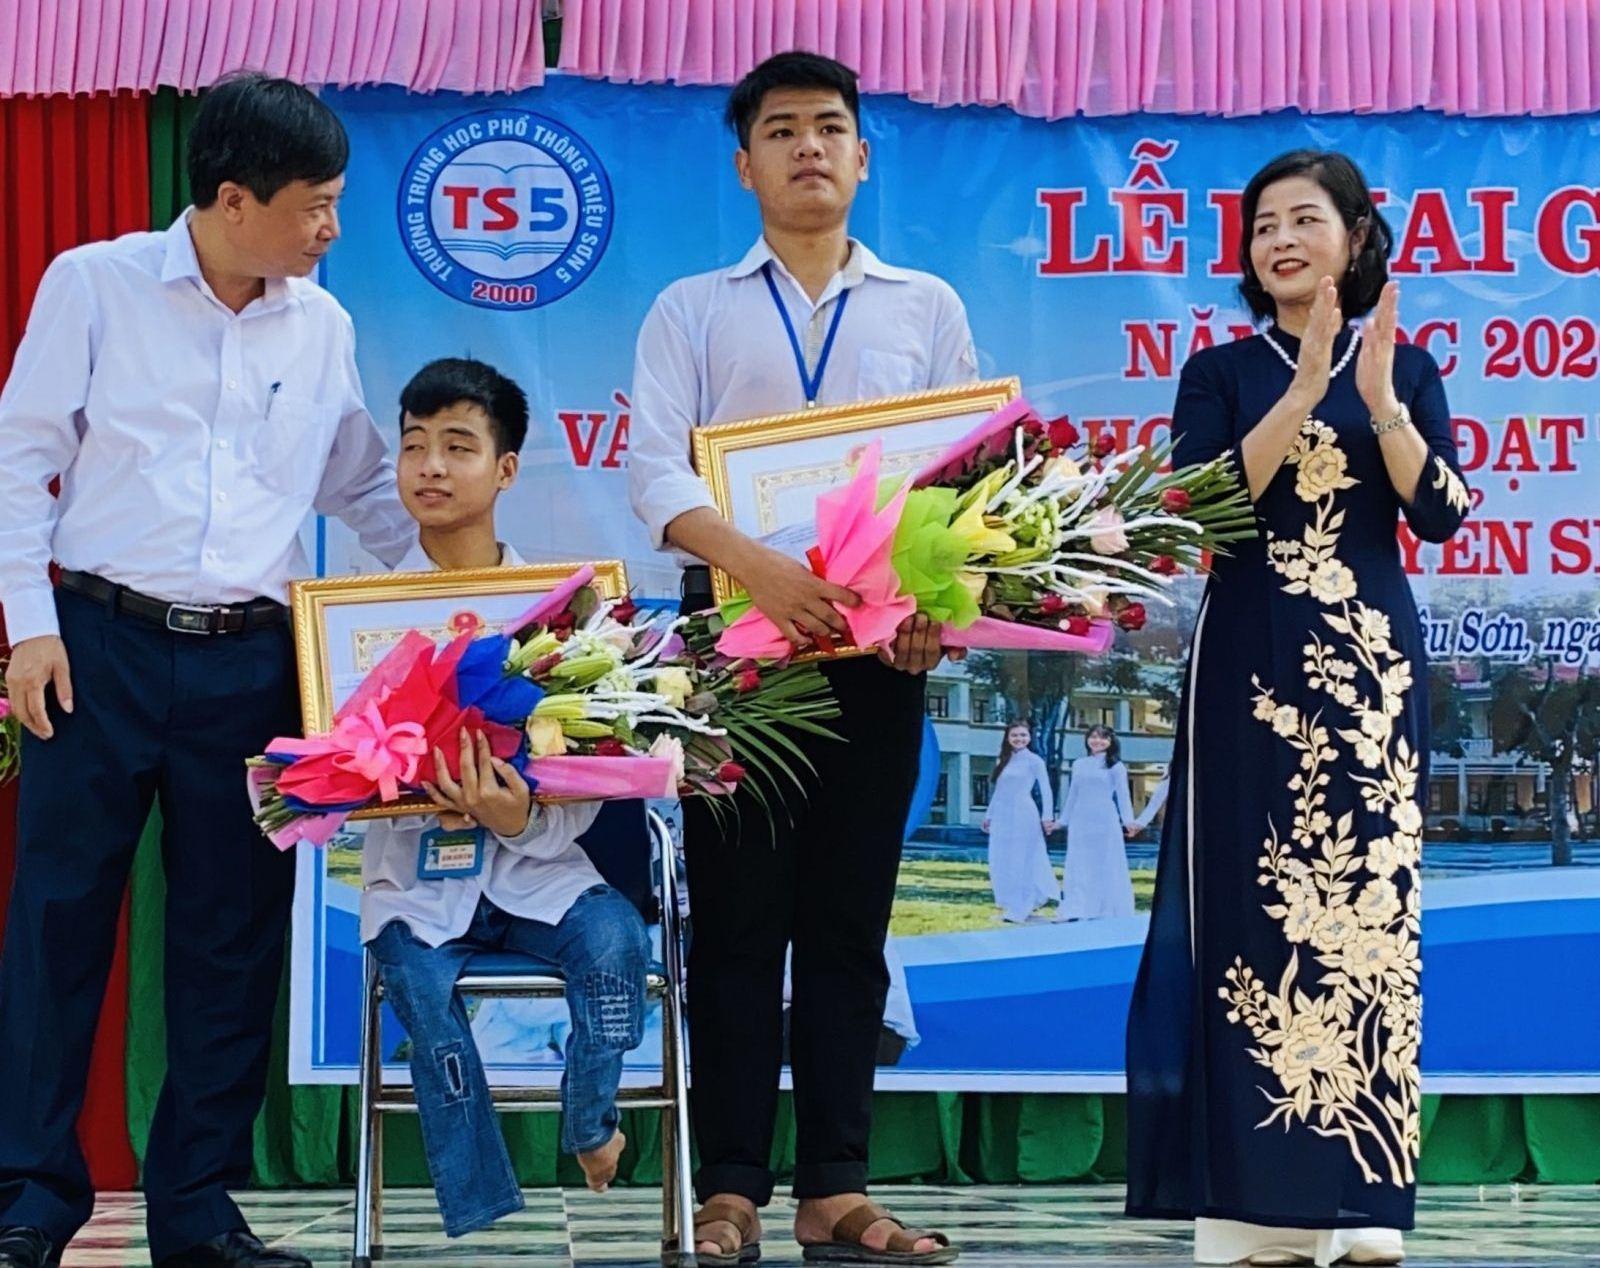 """Nam sinh 10 năm cõng bạn đến trường: """"Dù ĐH Y Hà Nội có đặc cách, em cũng xin từ chối"""" - Ảnh 2"""